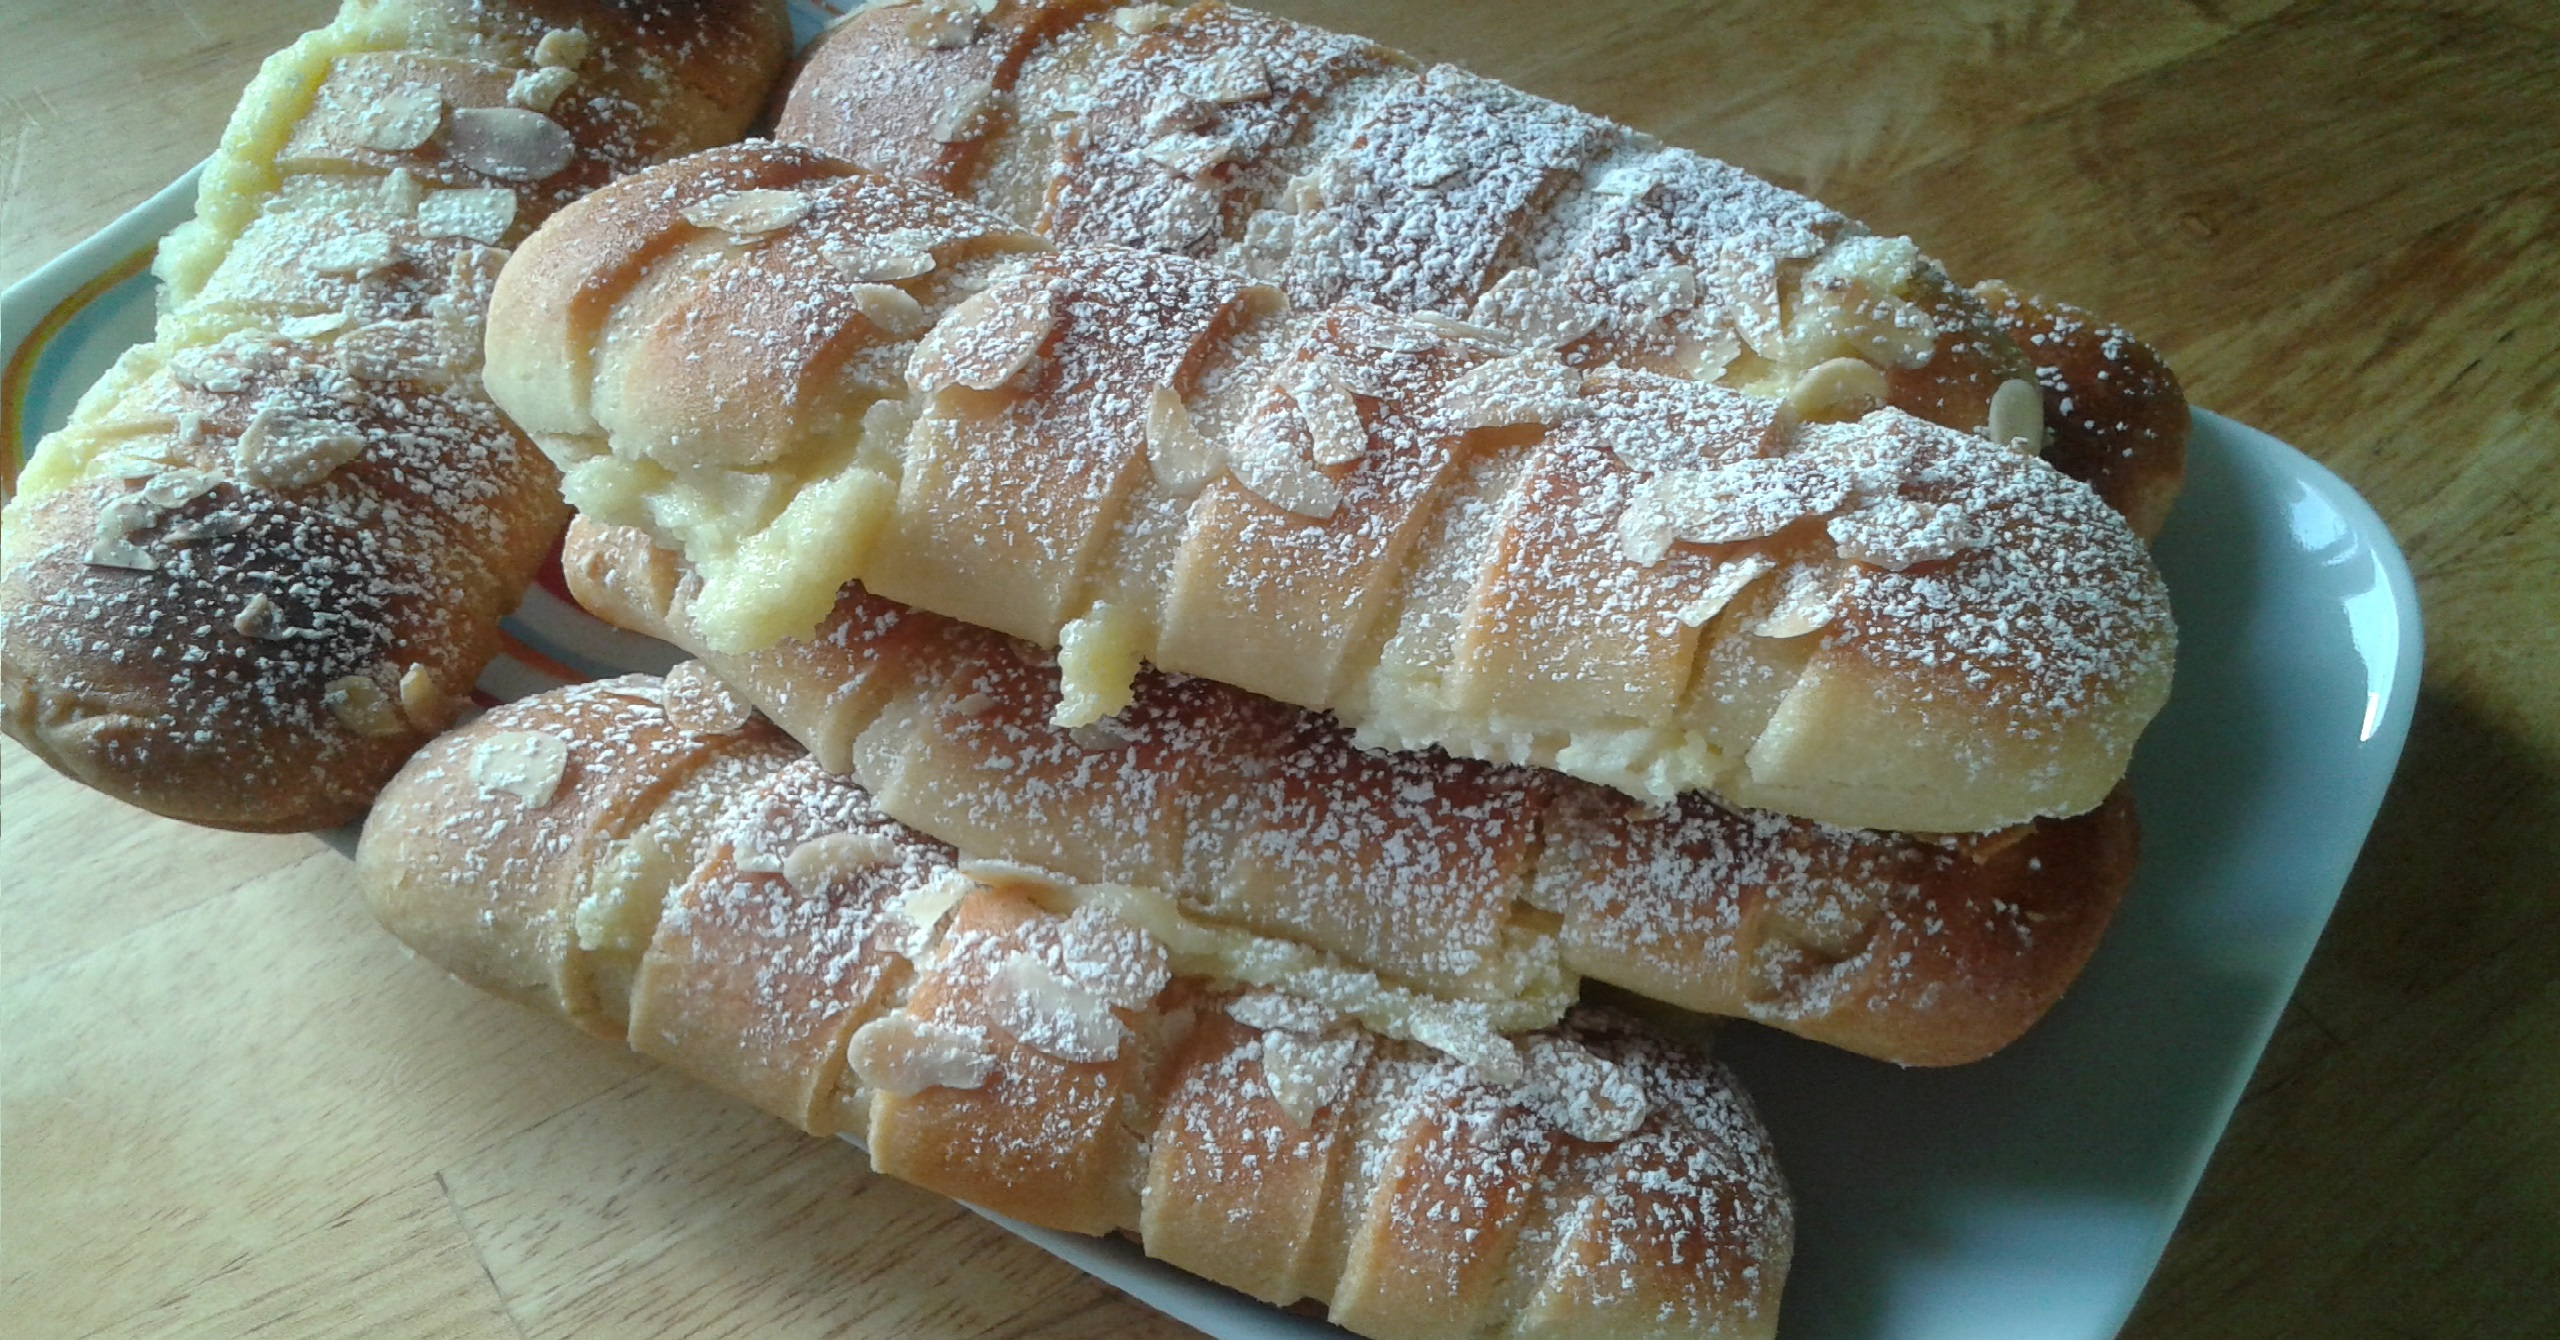 Petits pains briochés à la crème pâtissière et aux amandes